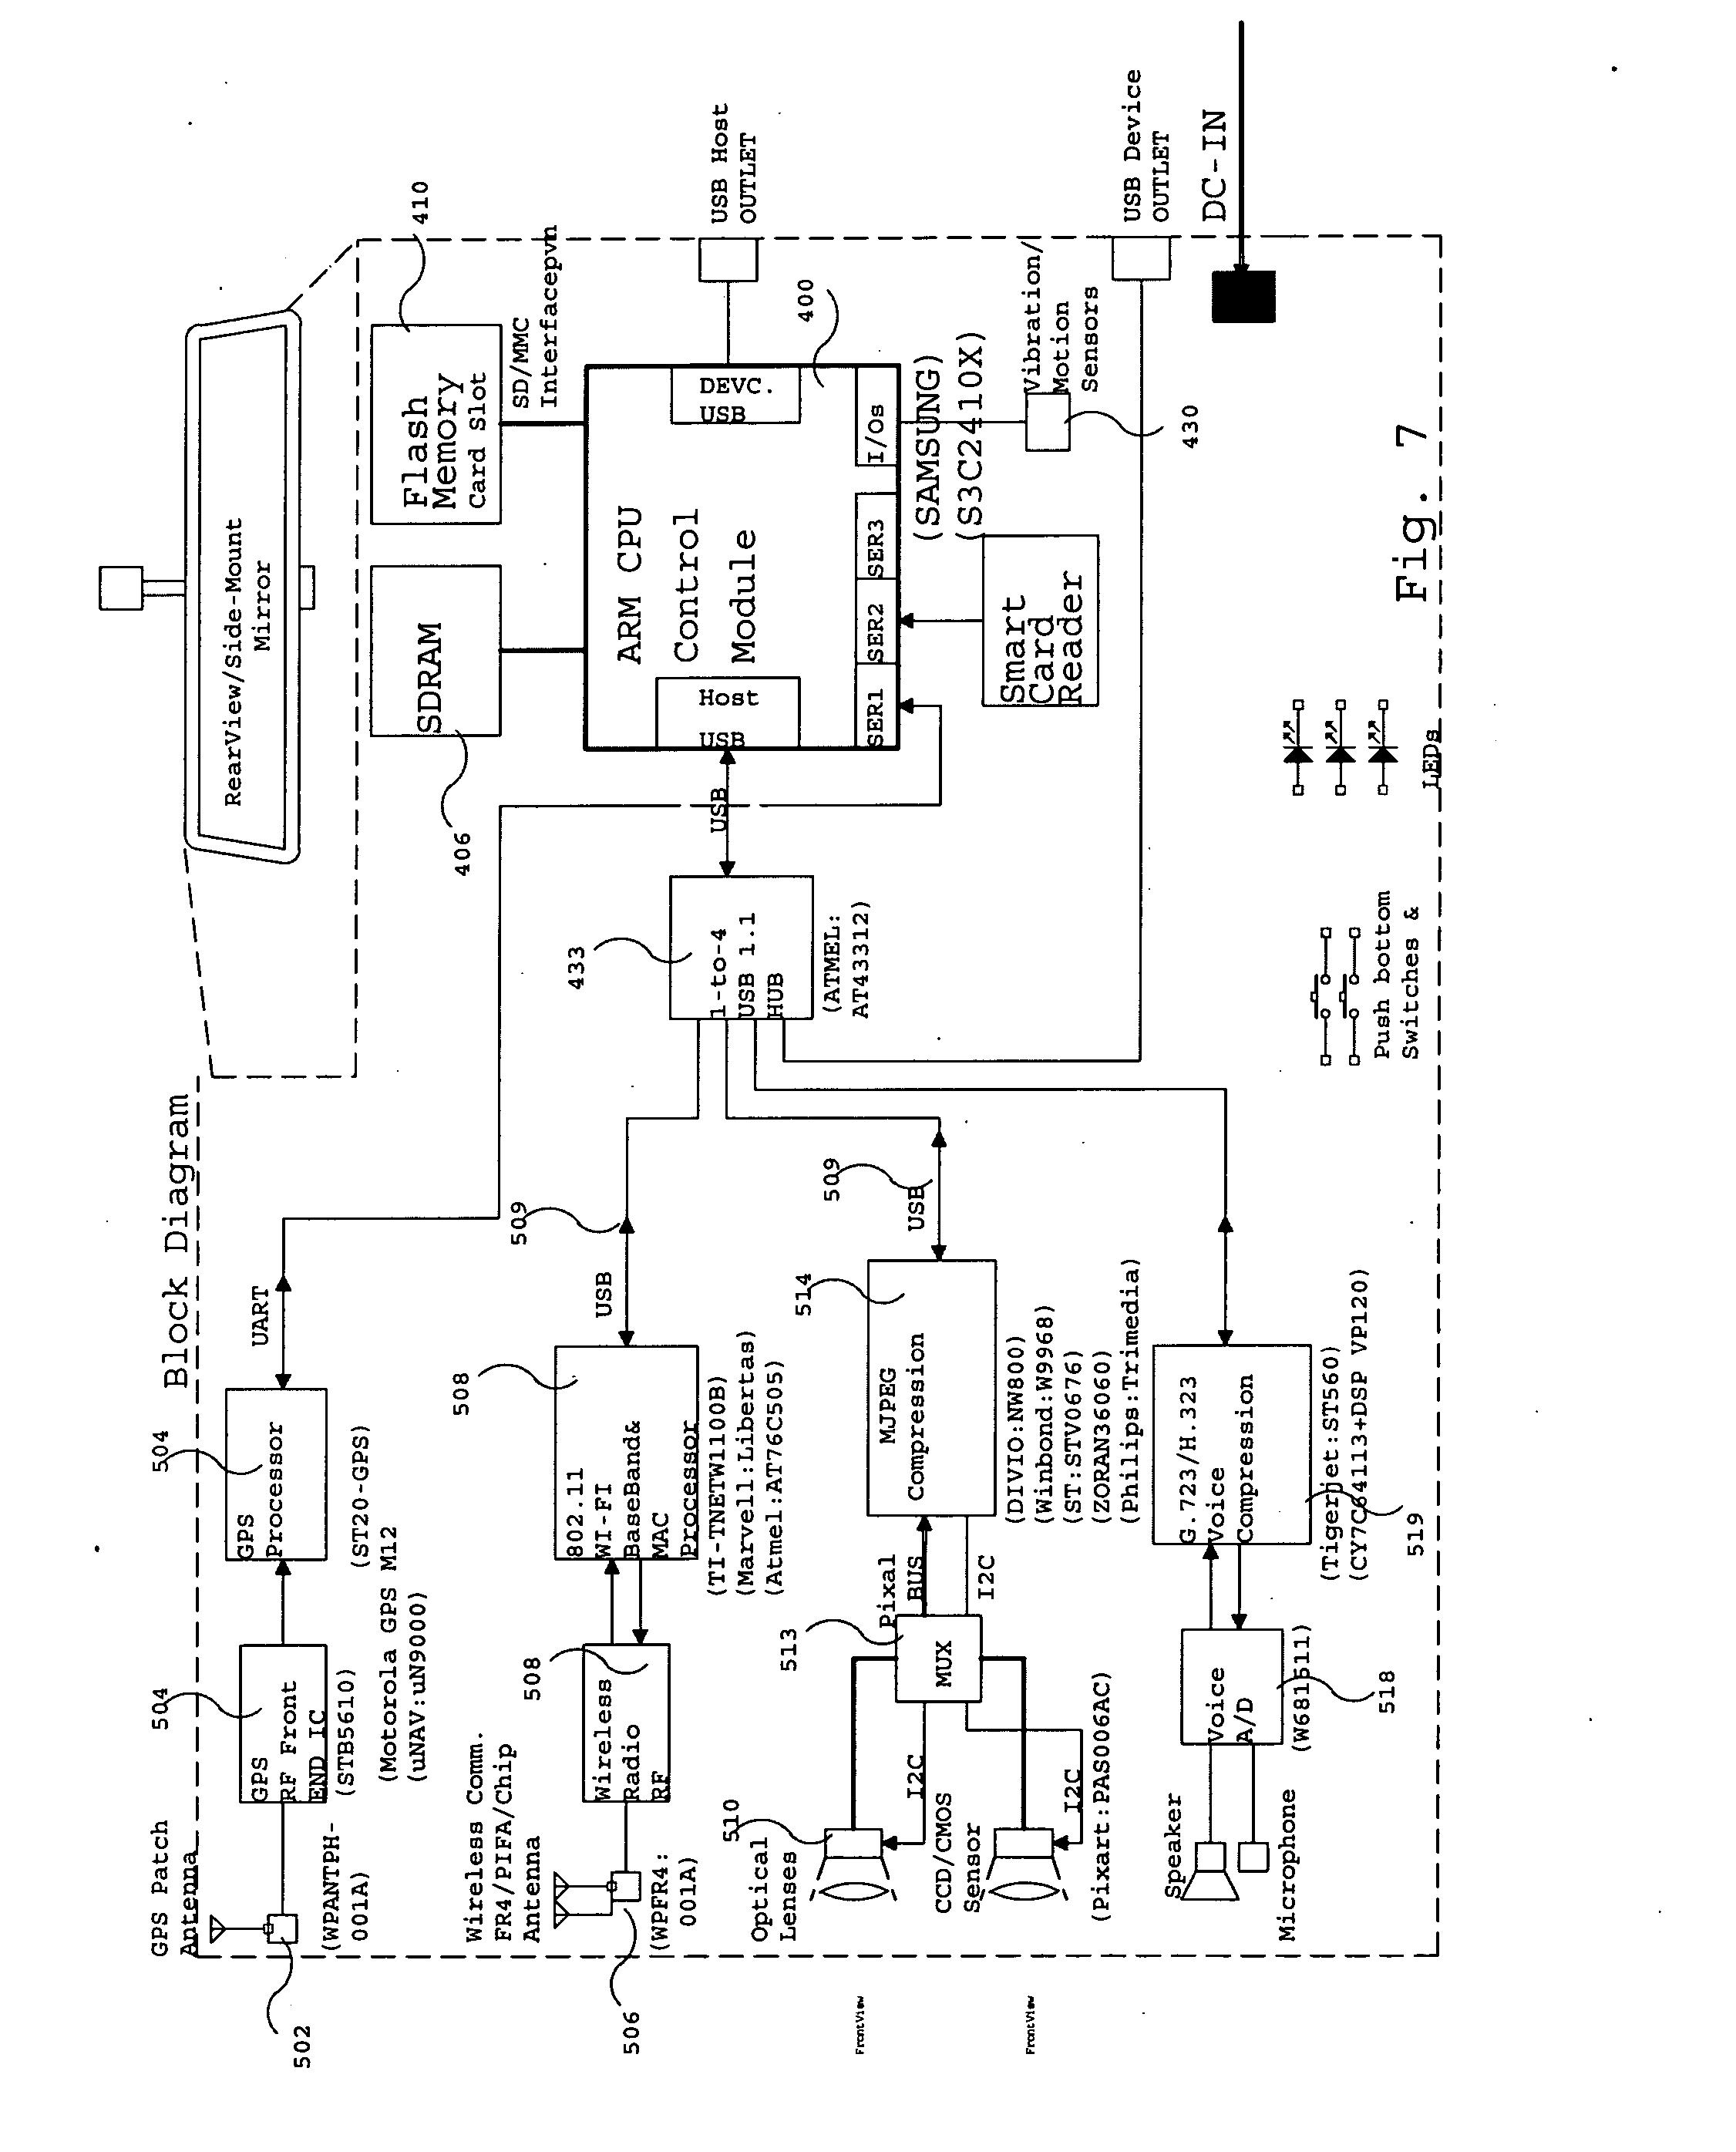 patent us20040267419